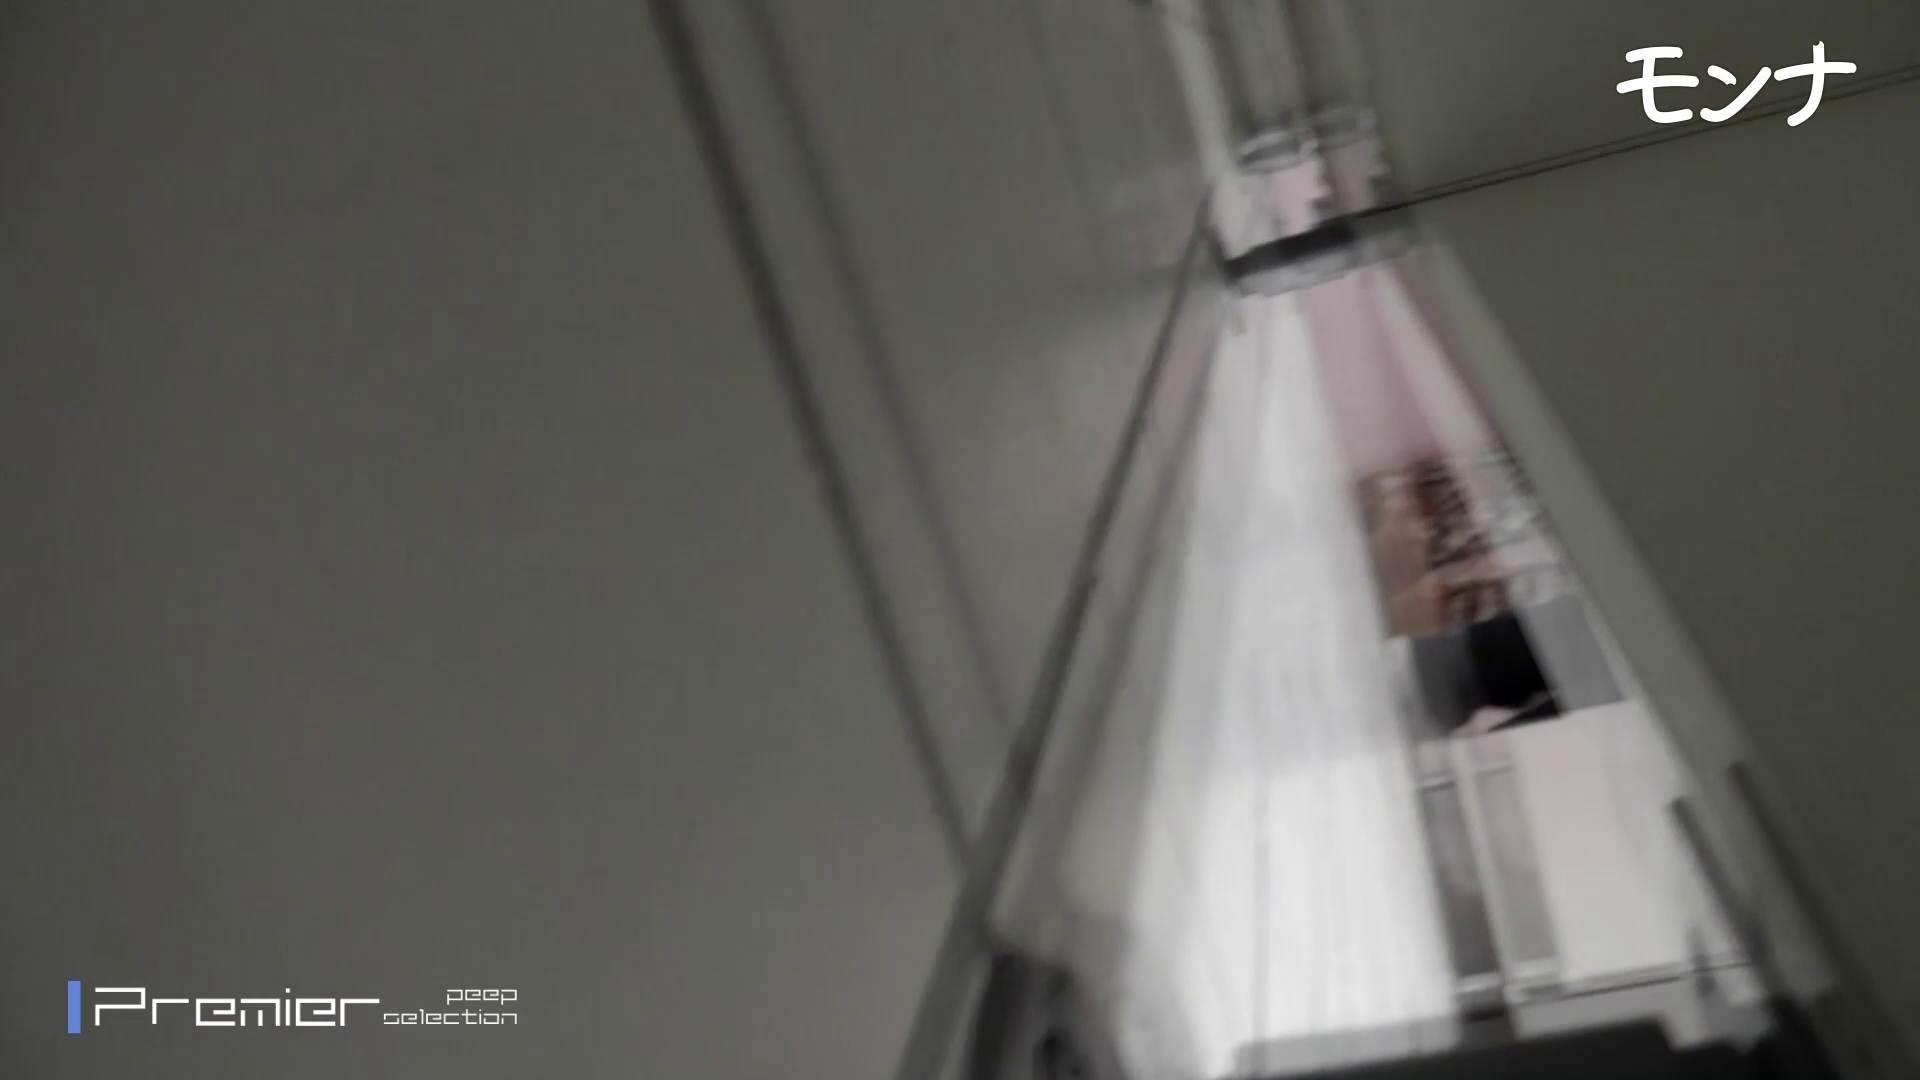 美しい日本の未来 No.83身近によく見かける、普通の女の子を集めてみた オマンコ  86連発 72